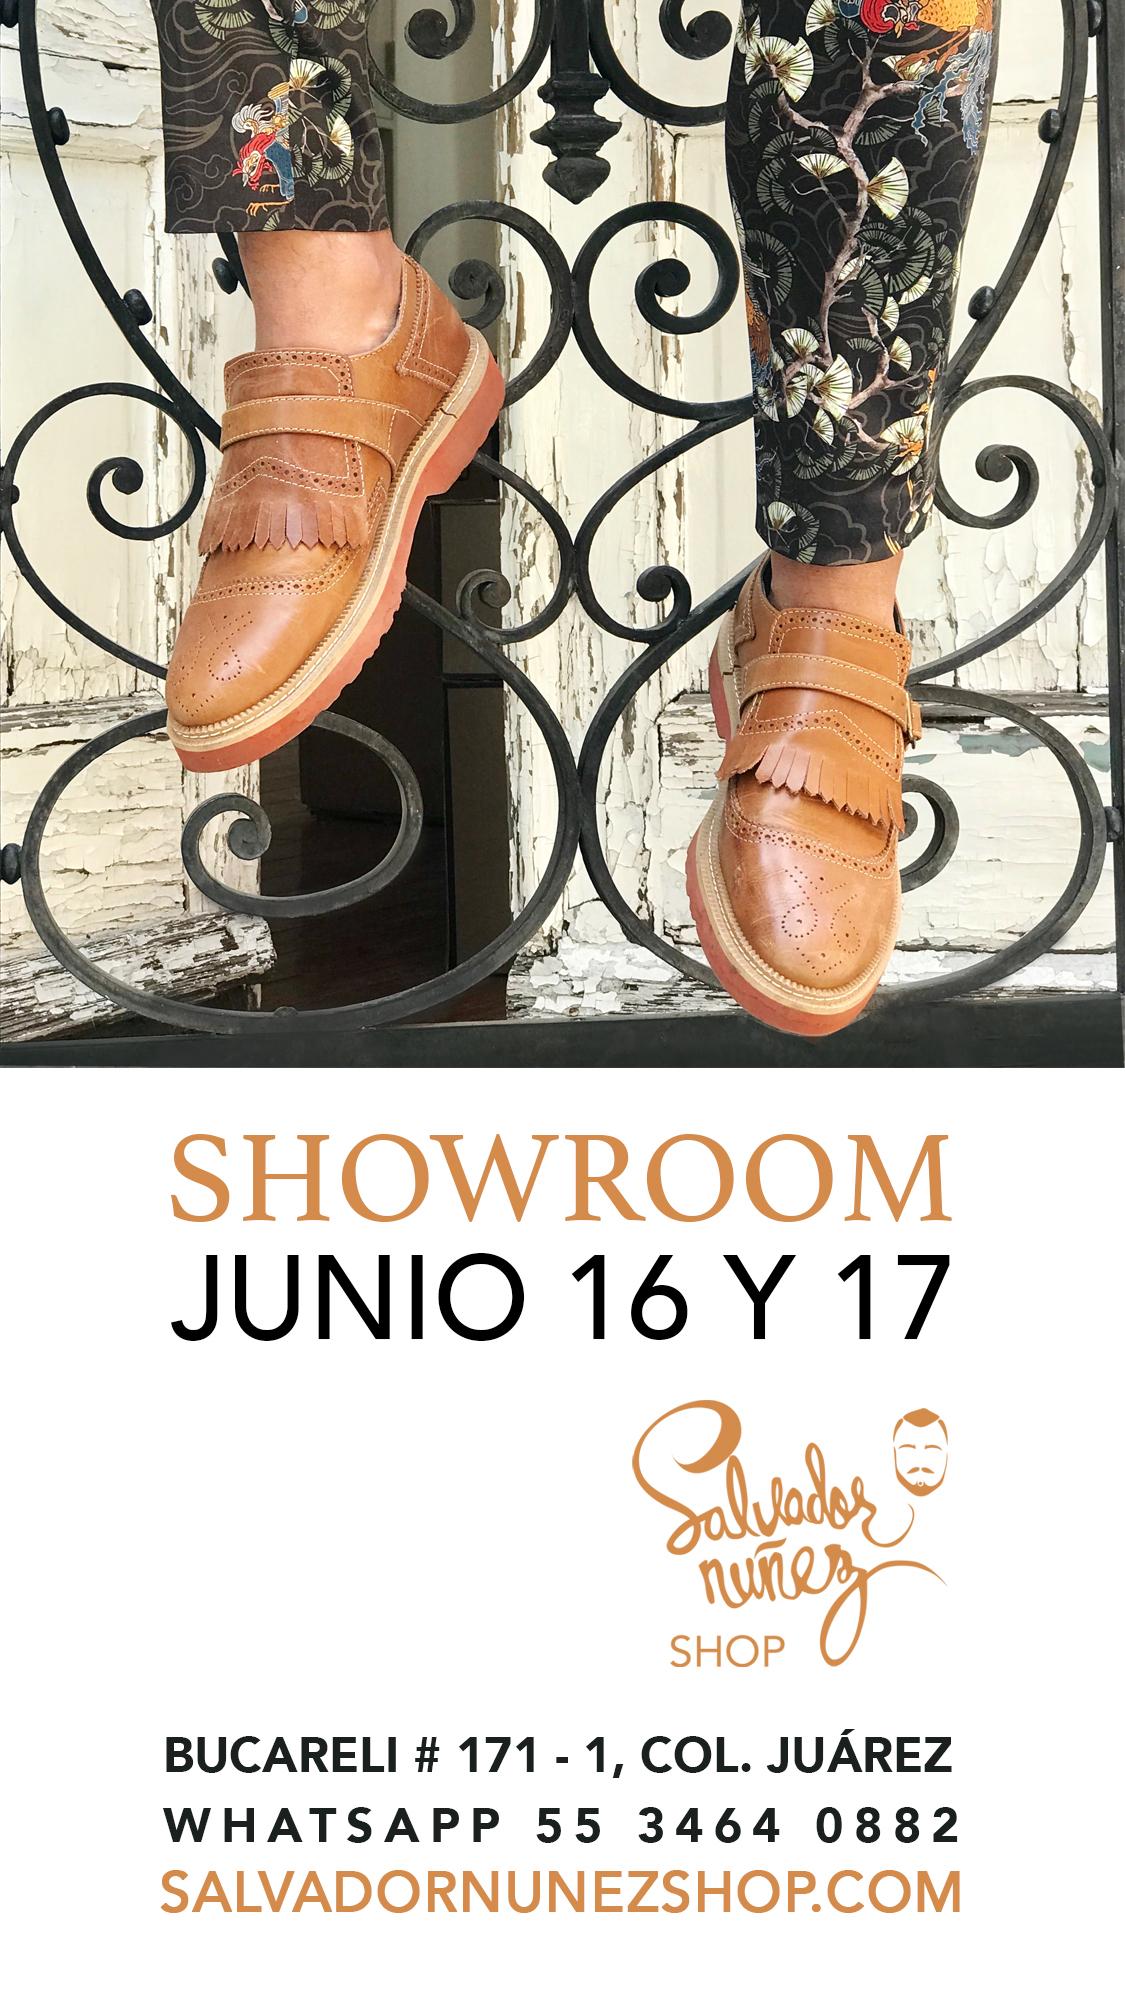 showroom salvador nunez shop